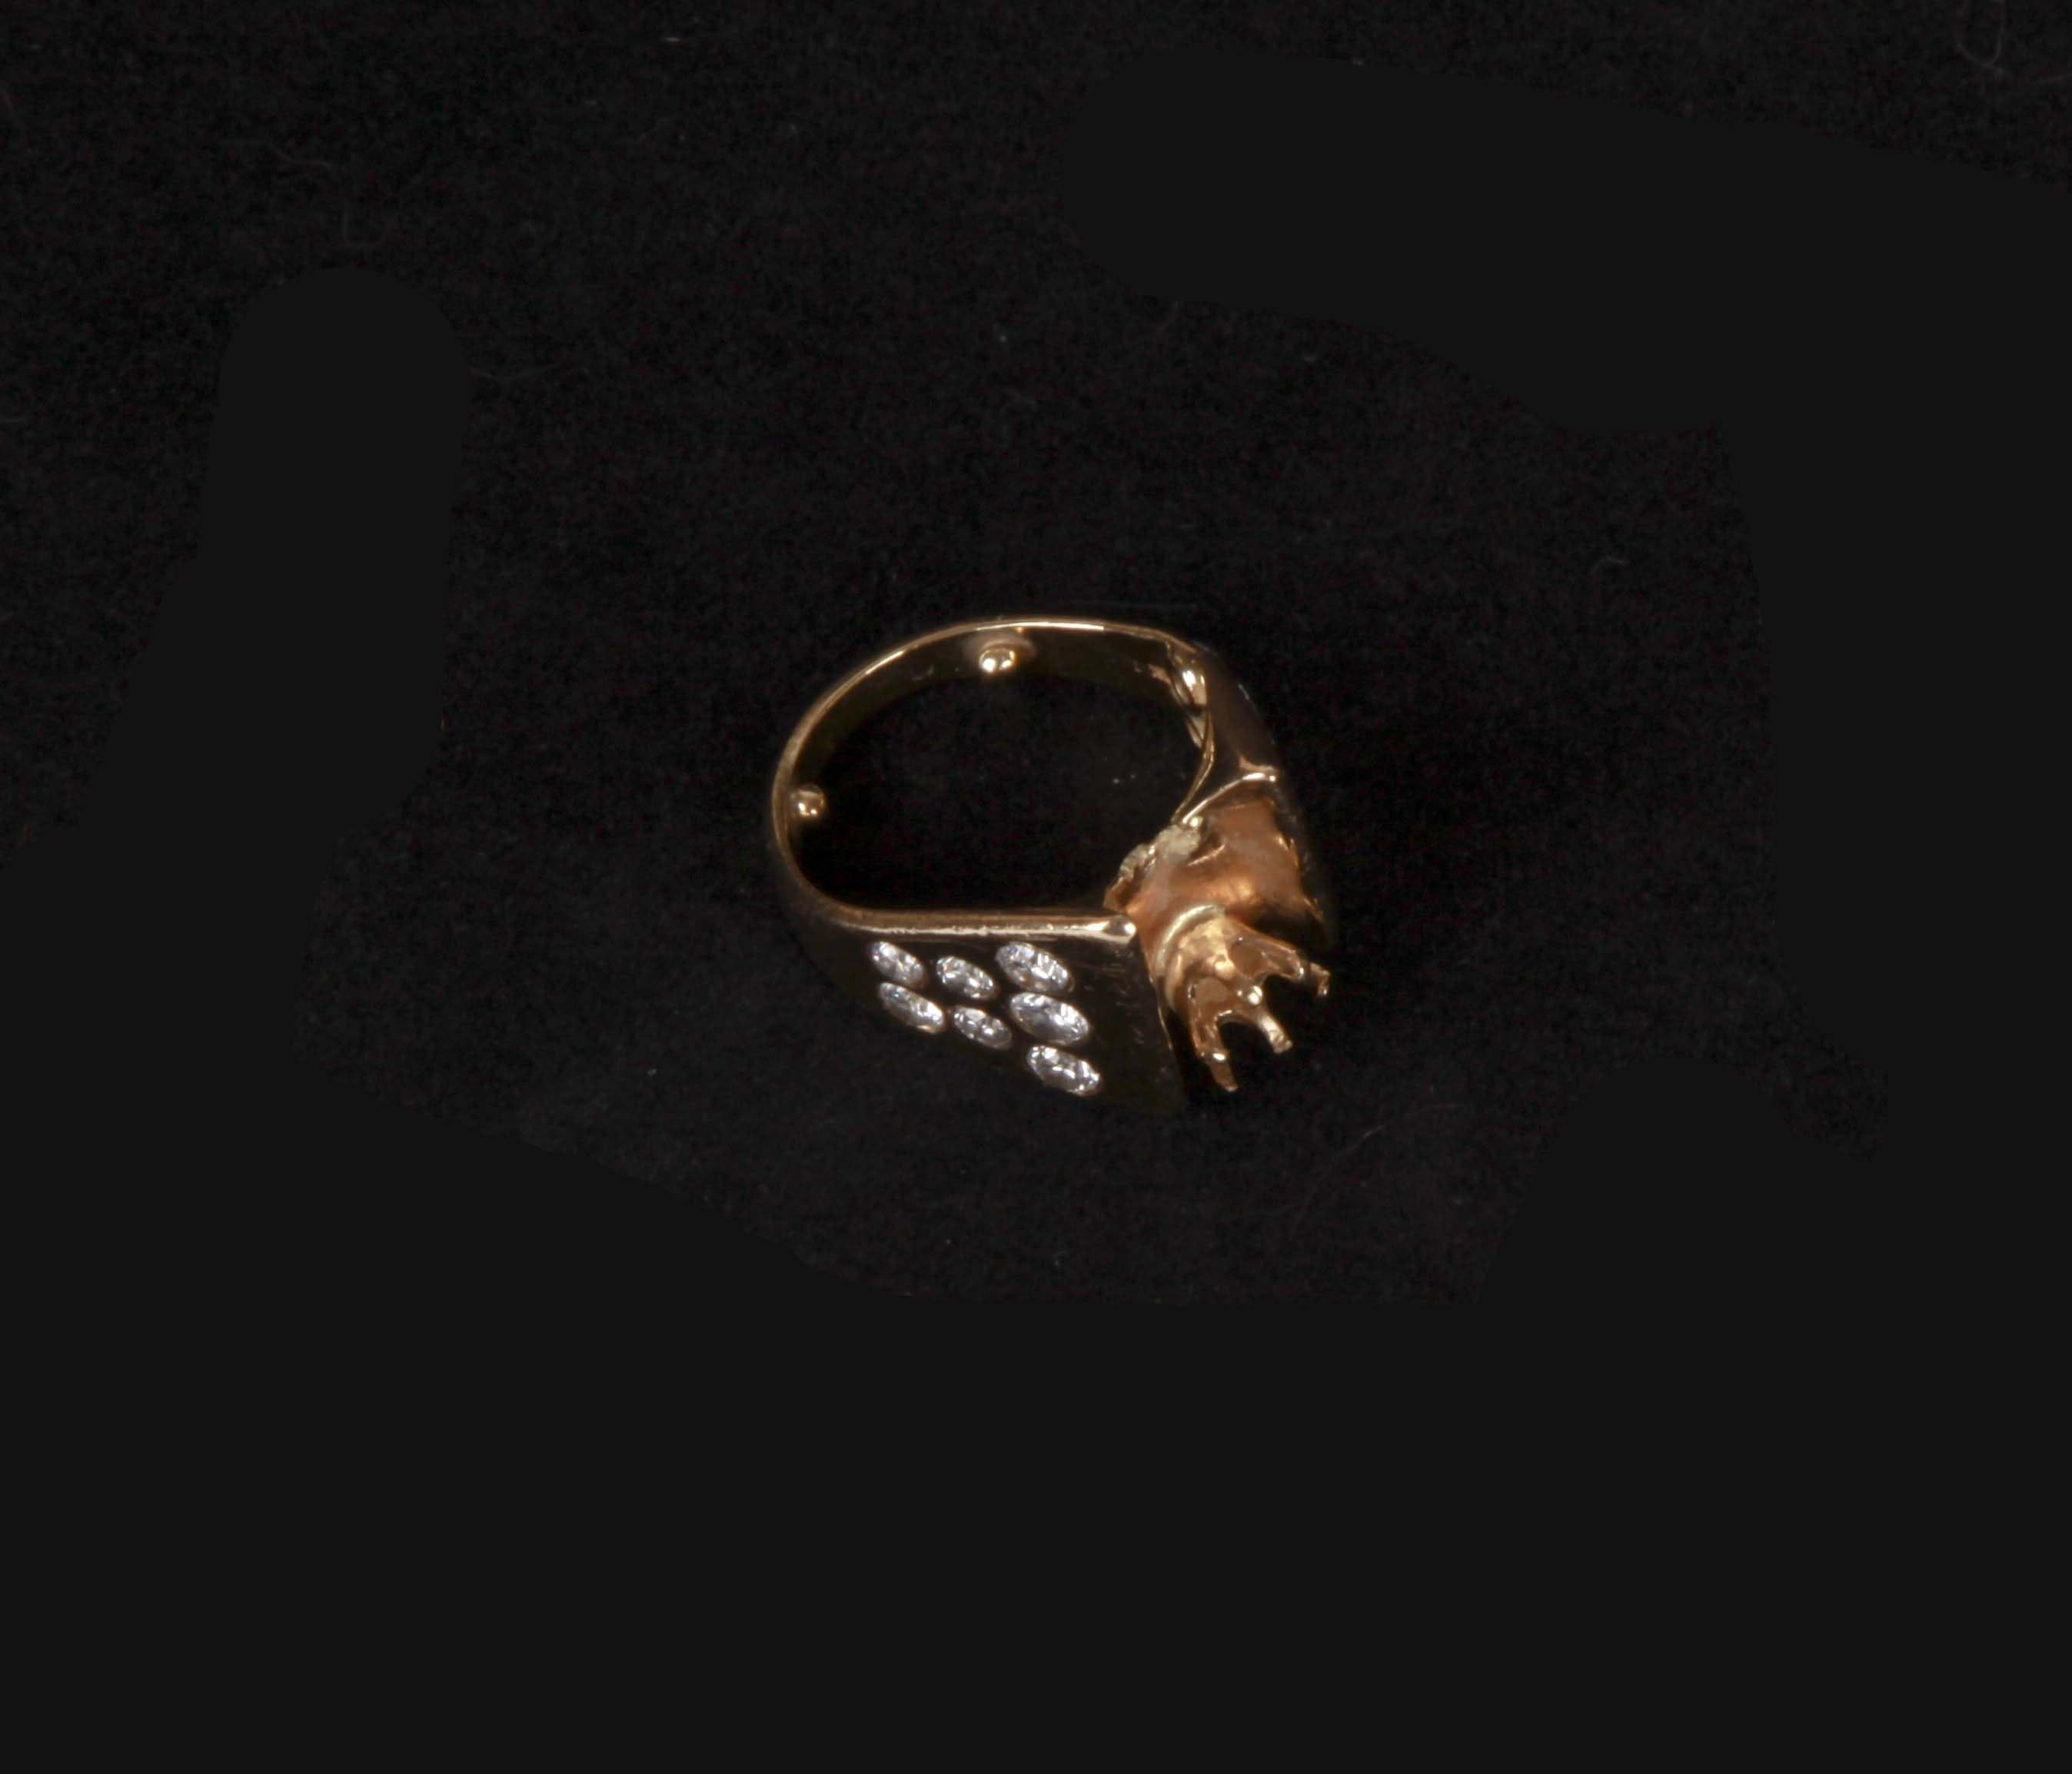 14K Gold Diamond Ring Band Ring Size 3.5